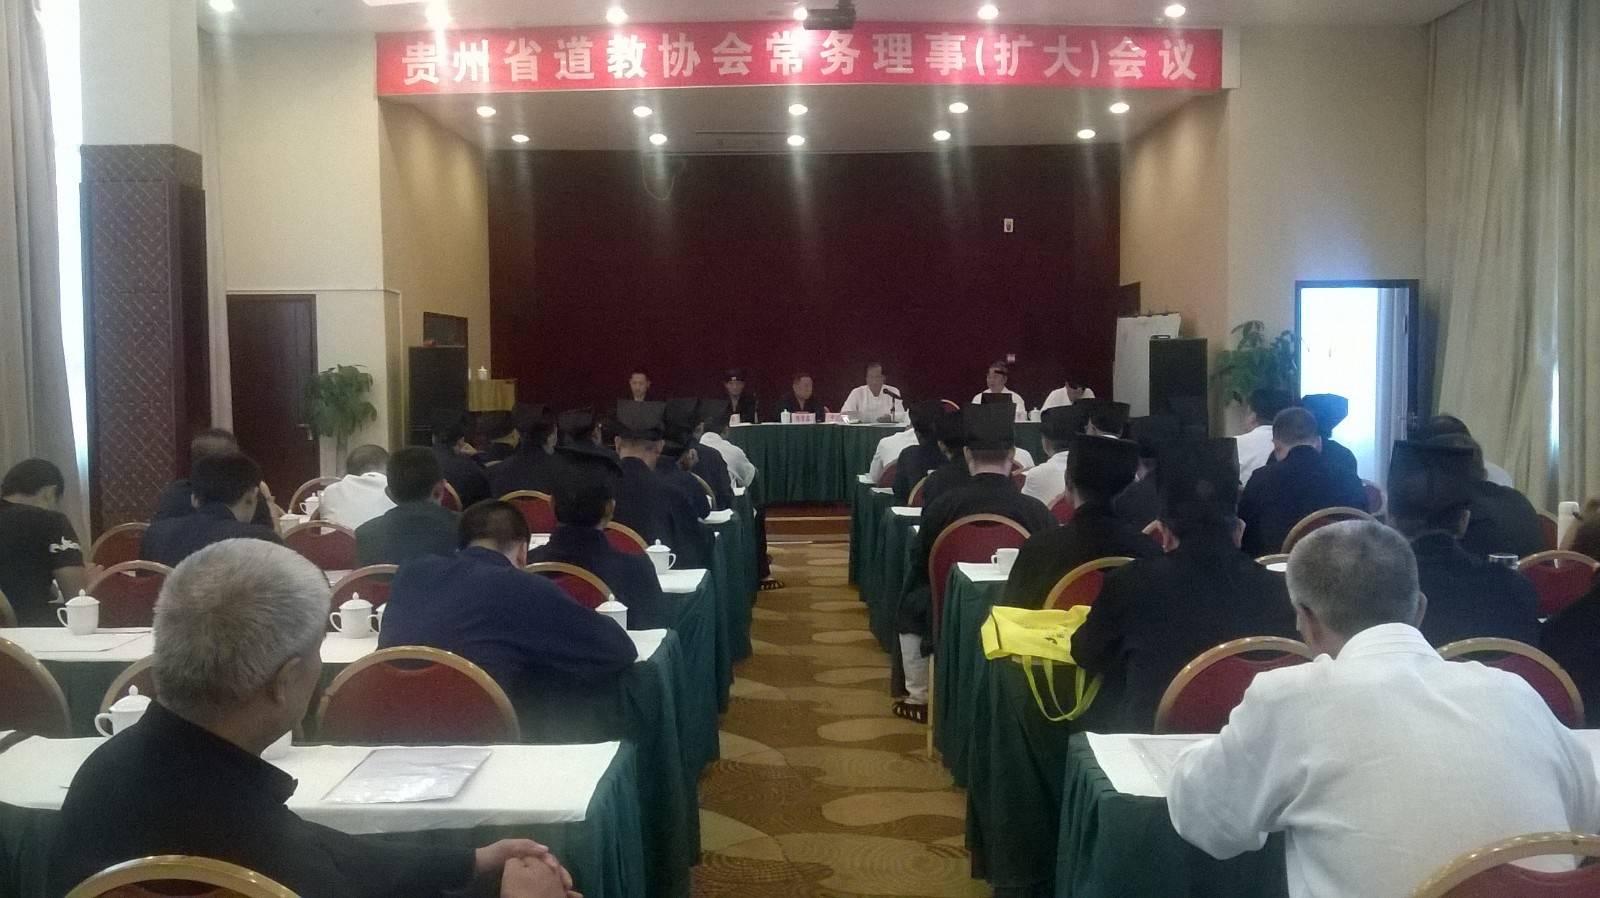 贵州省道协召开常务理事(扩大)会议